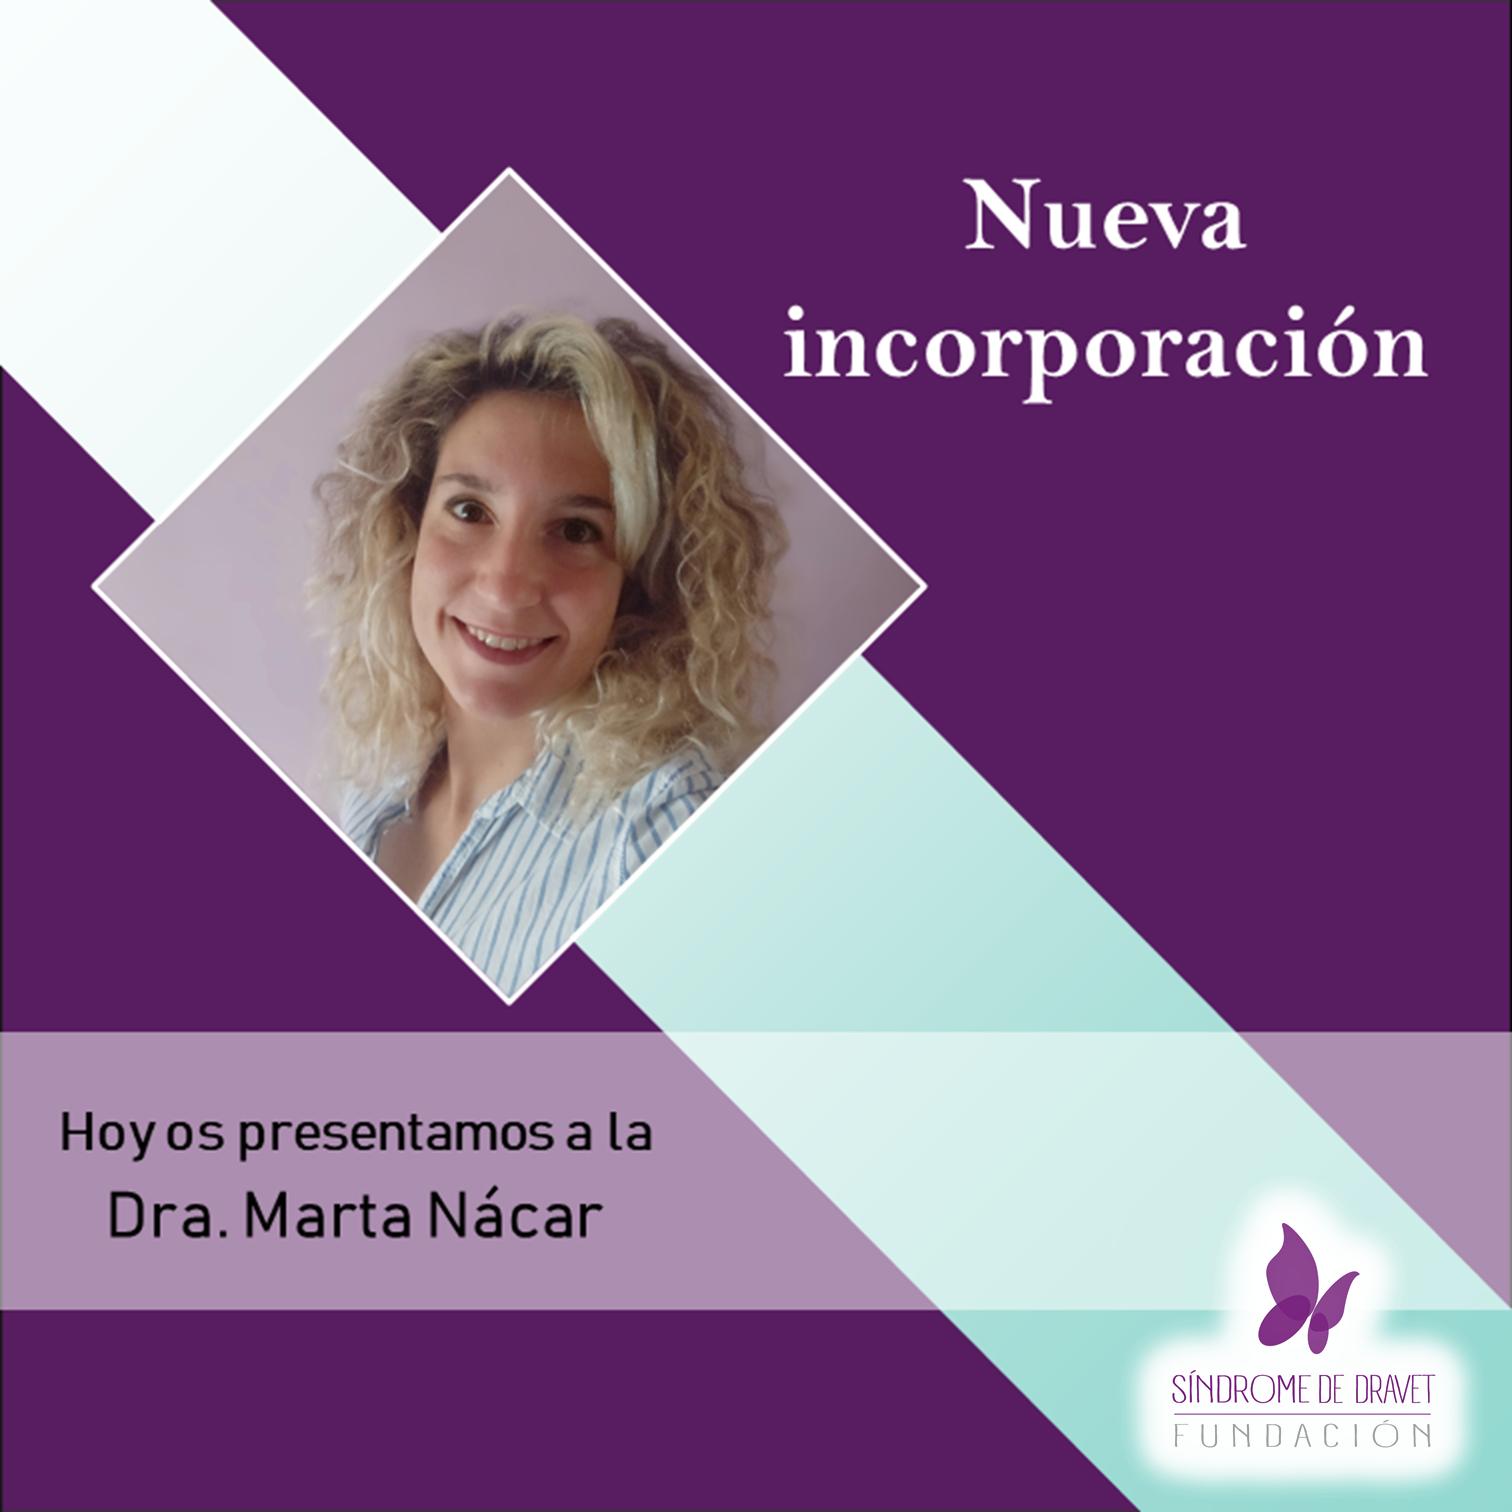 La doctora Marta González se incorpora a la Fundación Síndrome de Dravet